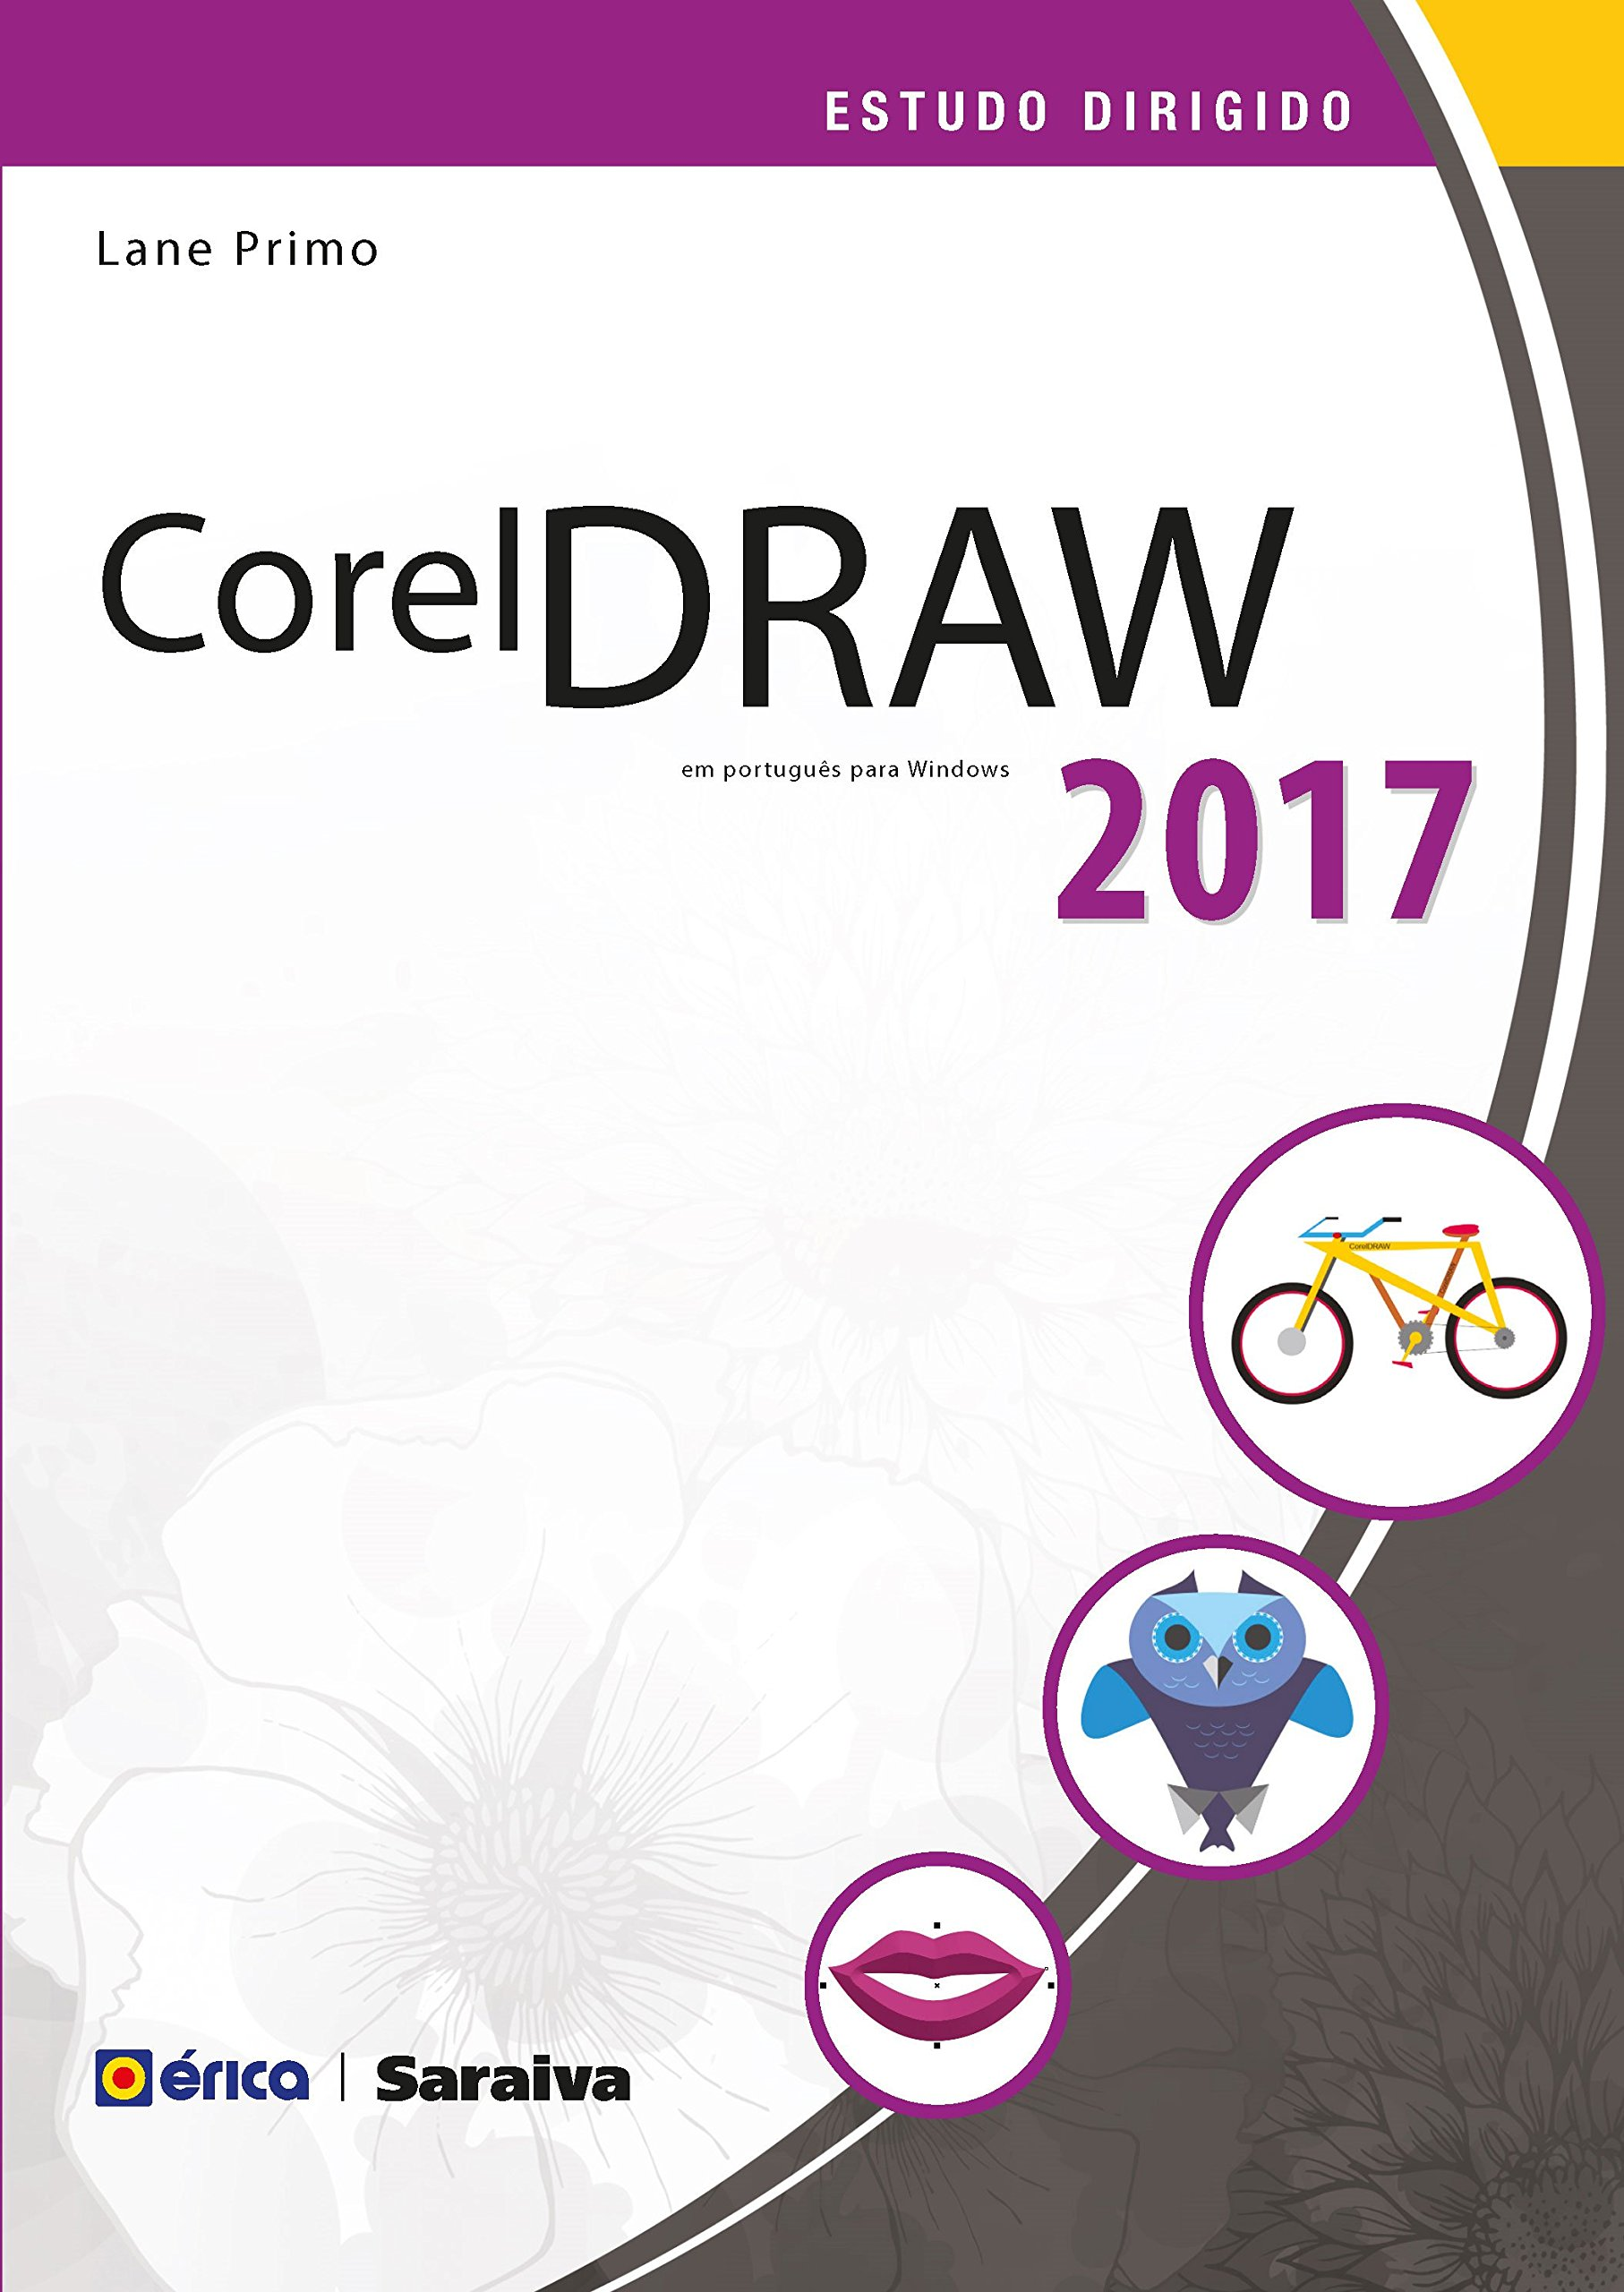 Estudo Dirigido de CorelDRAW 2017 em Português: Lane Primo